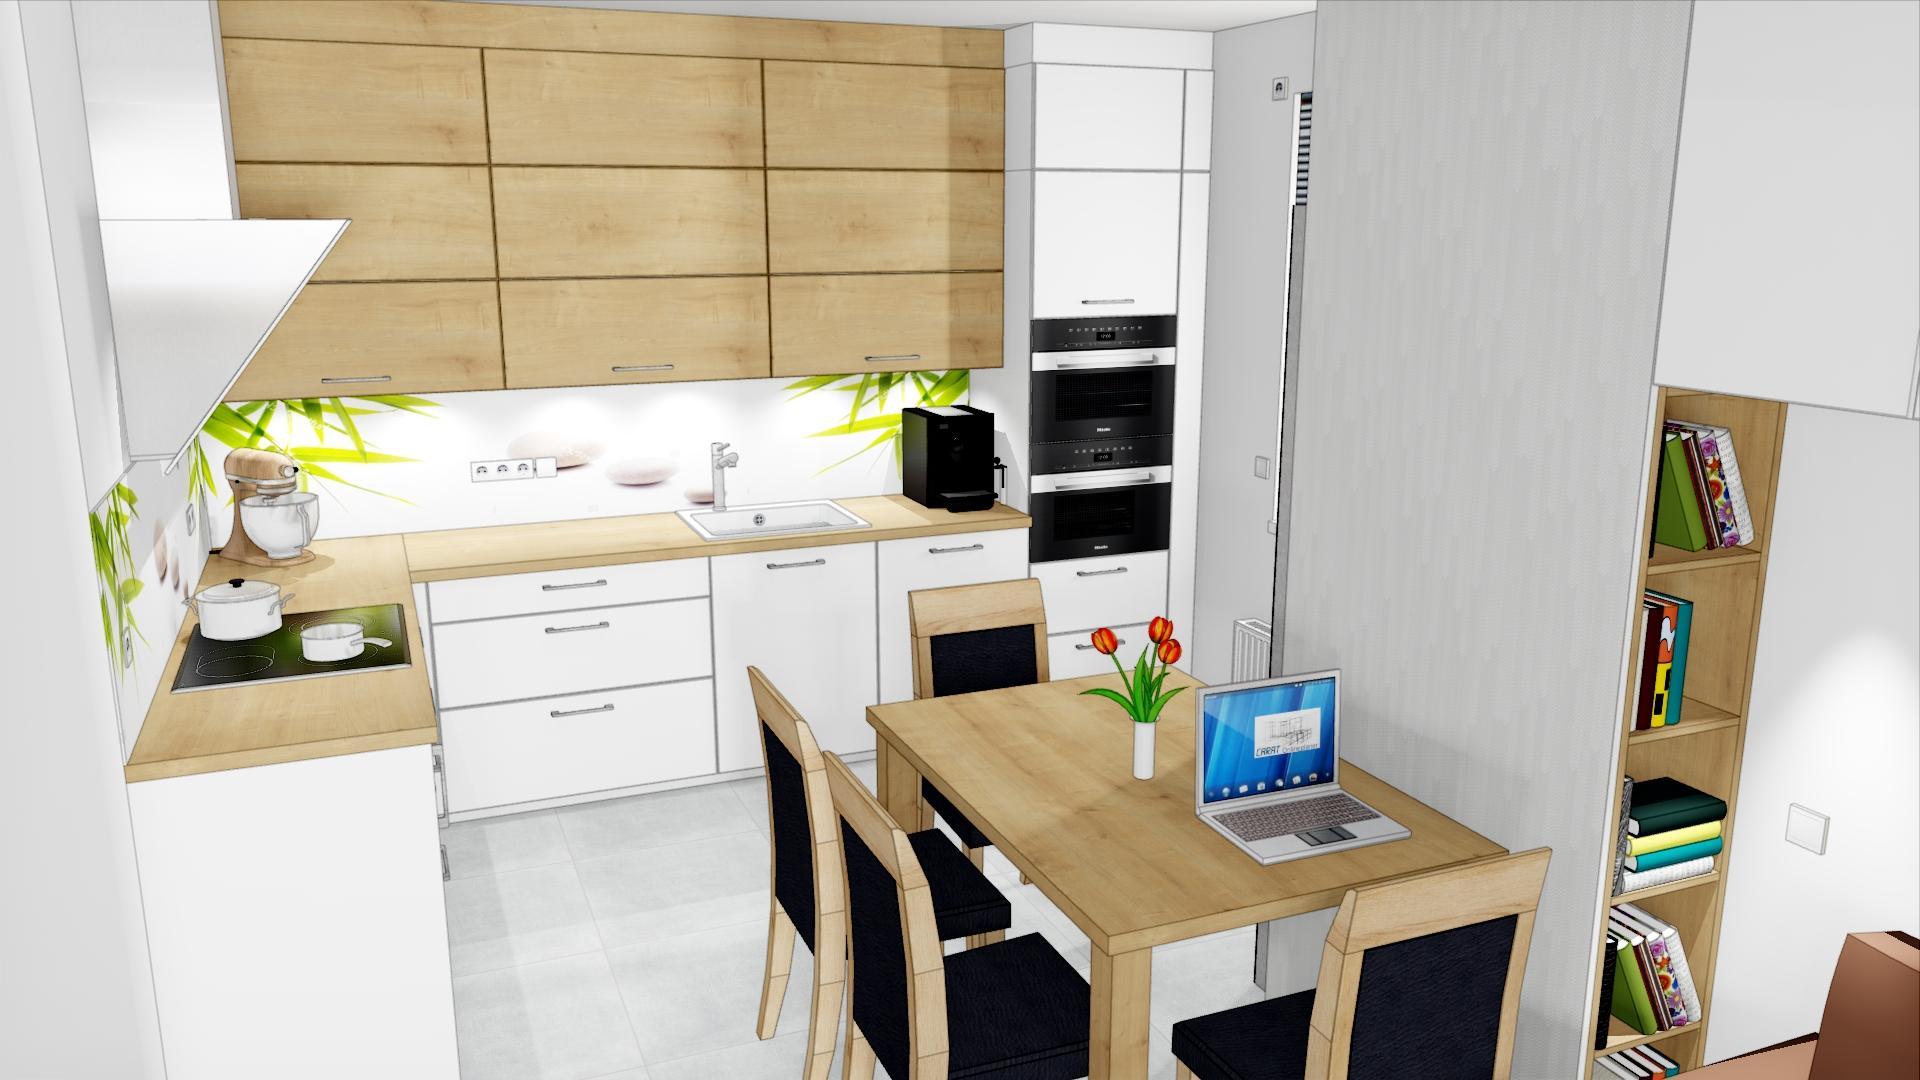 Kuchyně - rady a tipy k sestavě kuchyňské linky - Fotografie skupiny